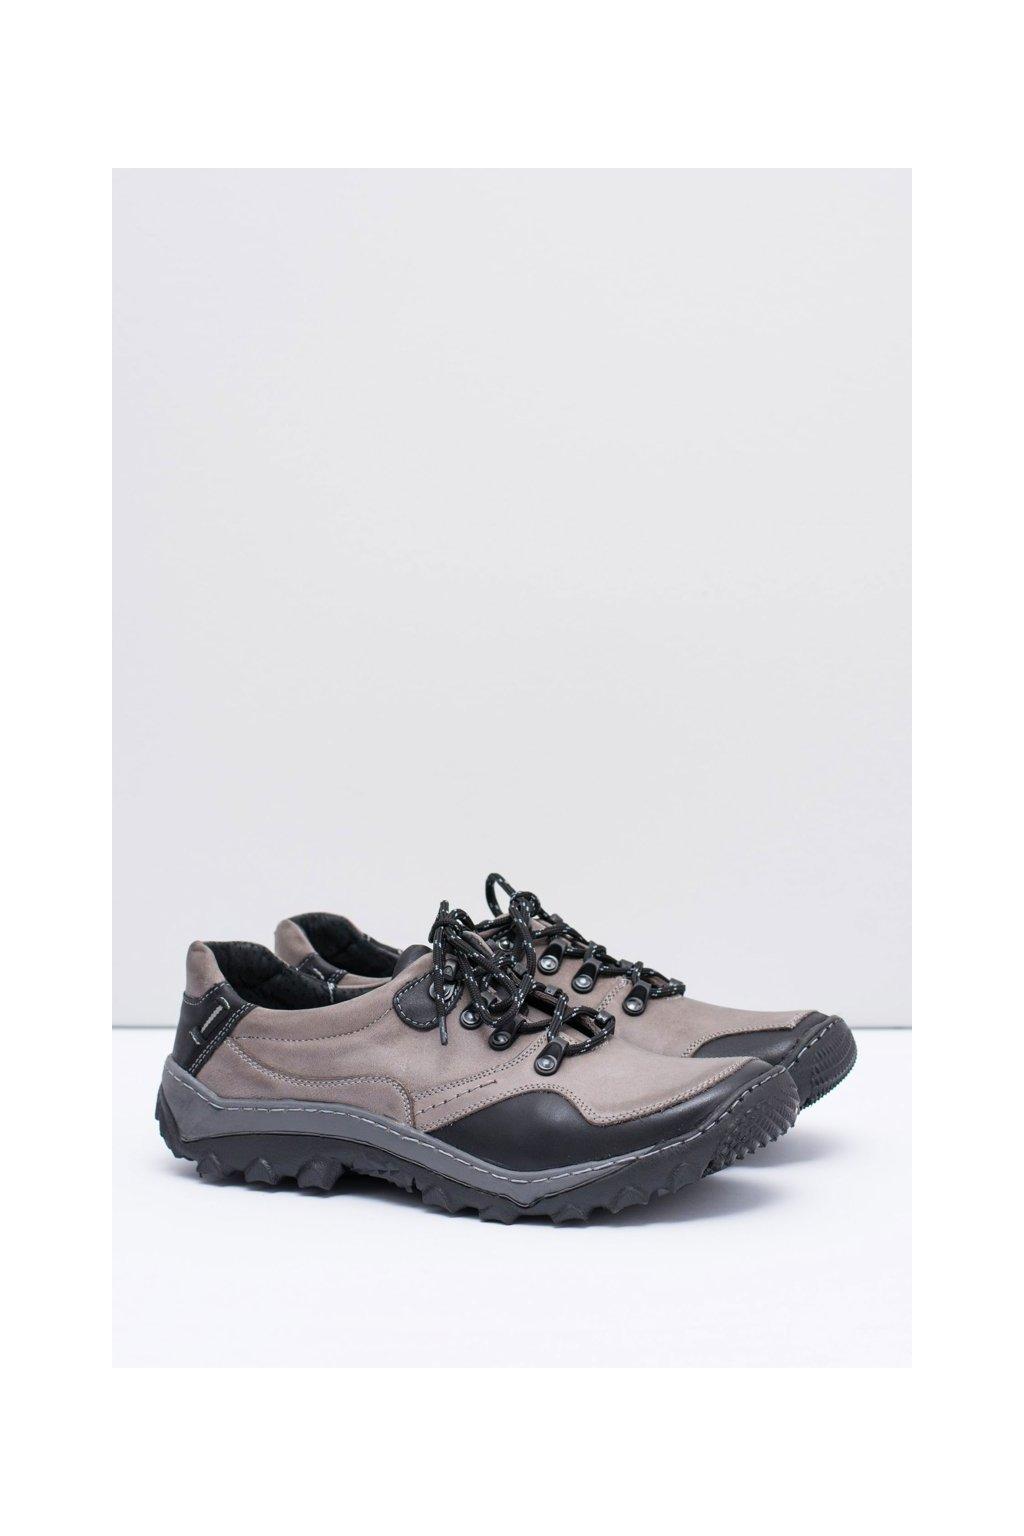 Pánska kožená šedá turistická vychádzková obuv Gretin